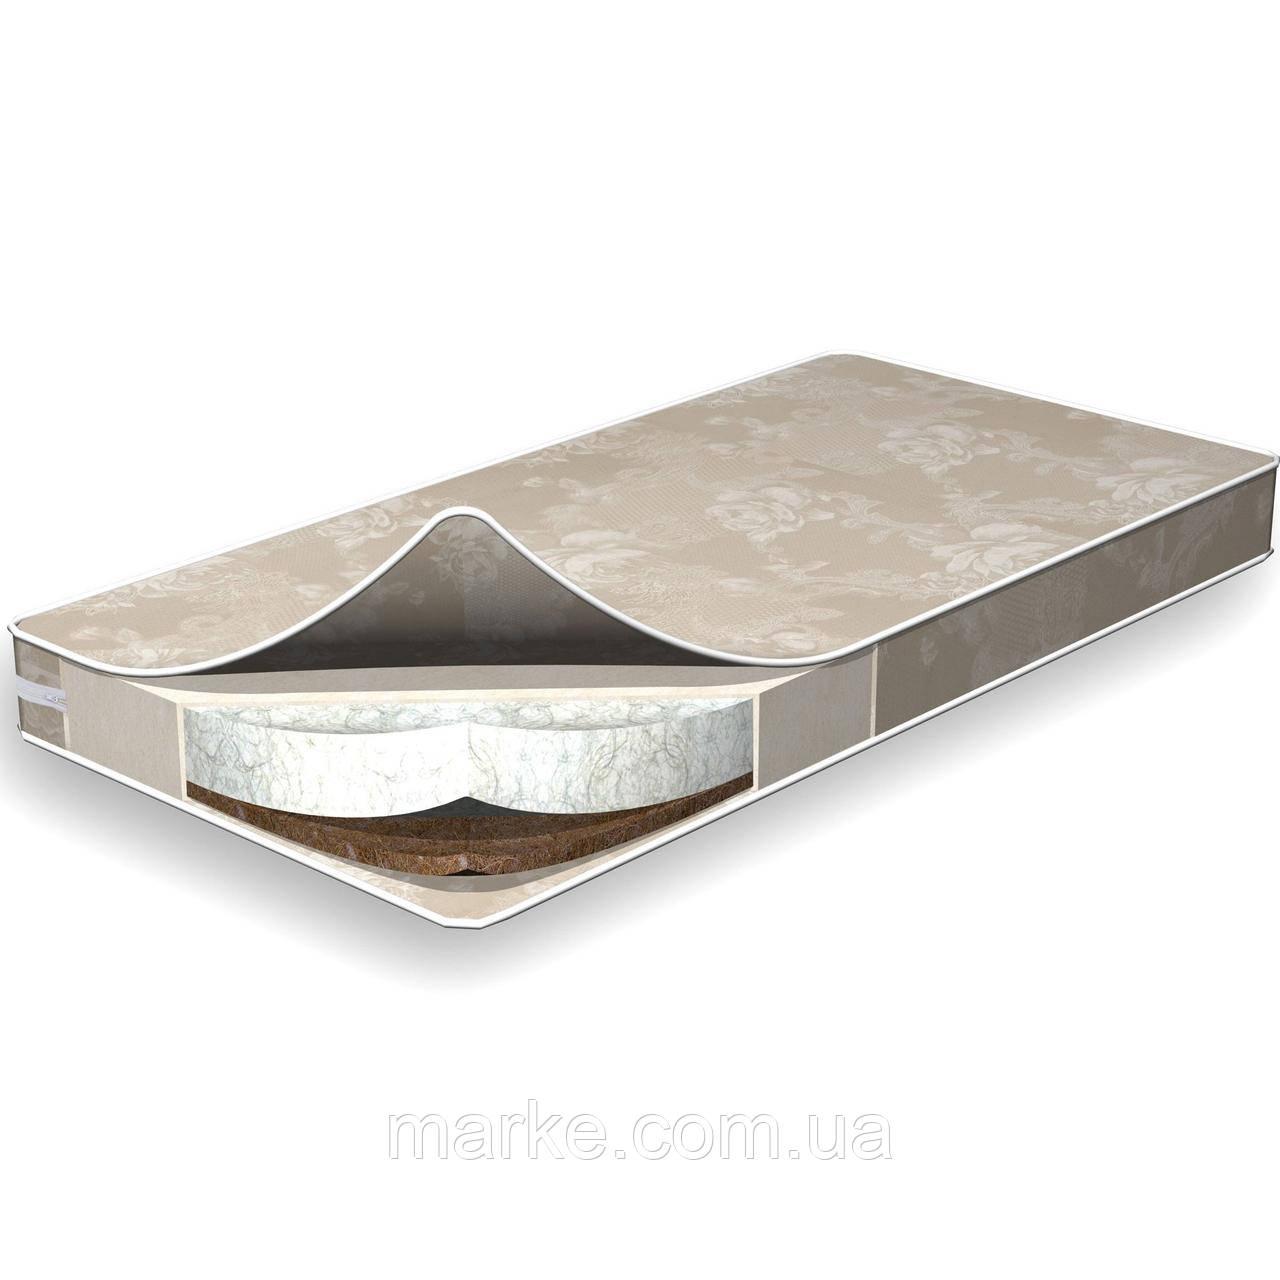 Матрас Flitex Coconut-Hollow 60х120х12 см (FT10.2.03)